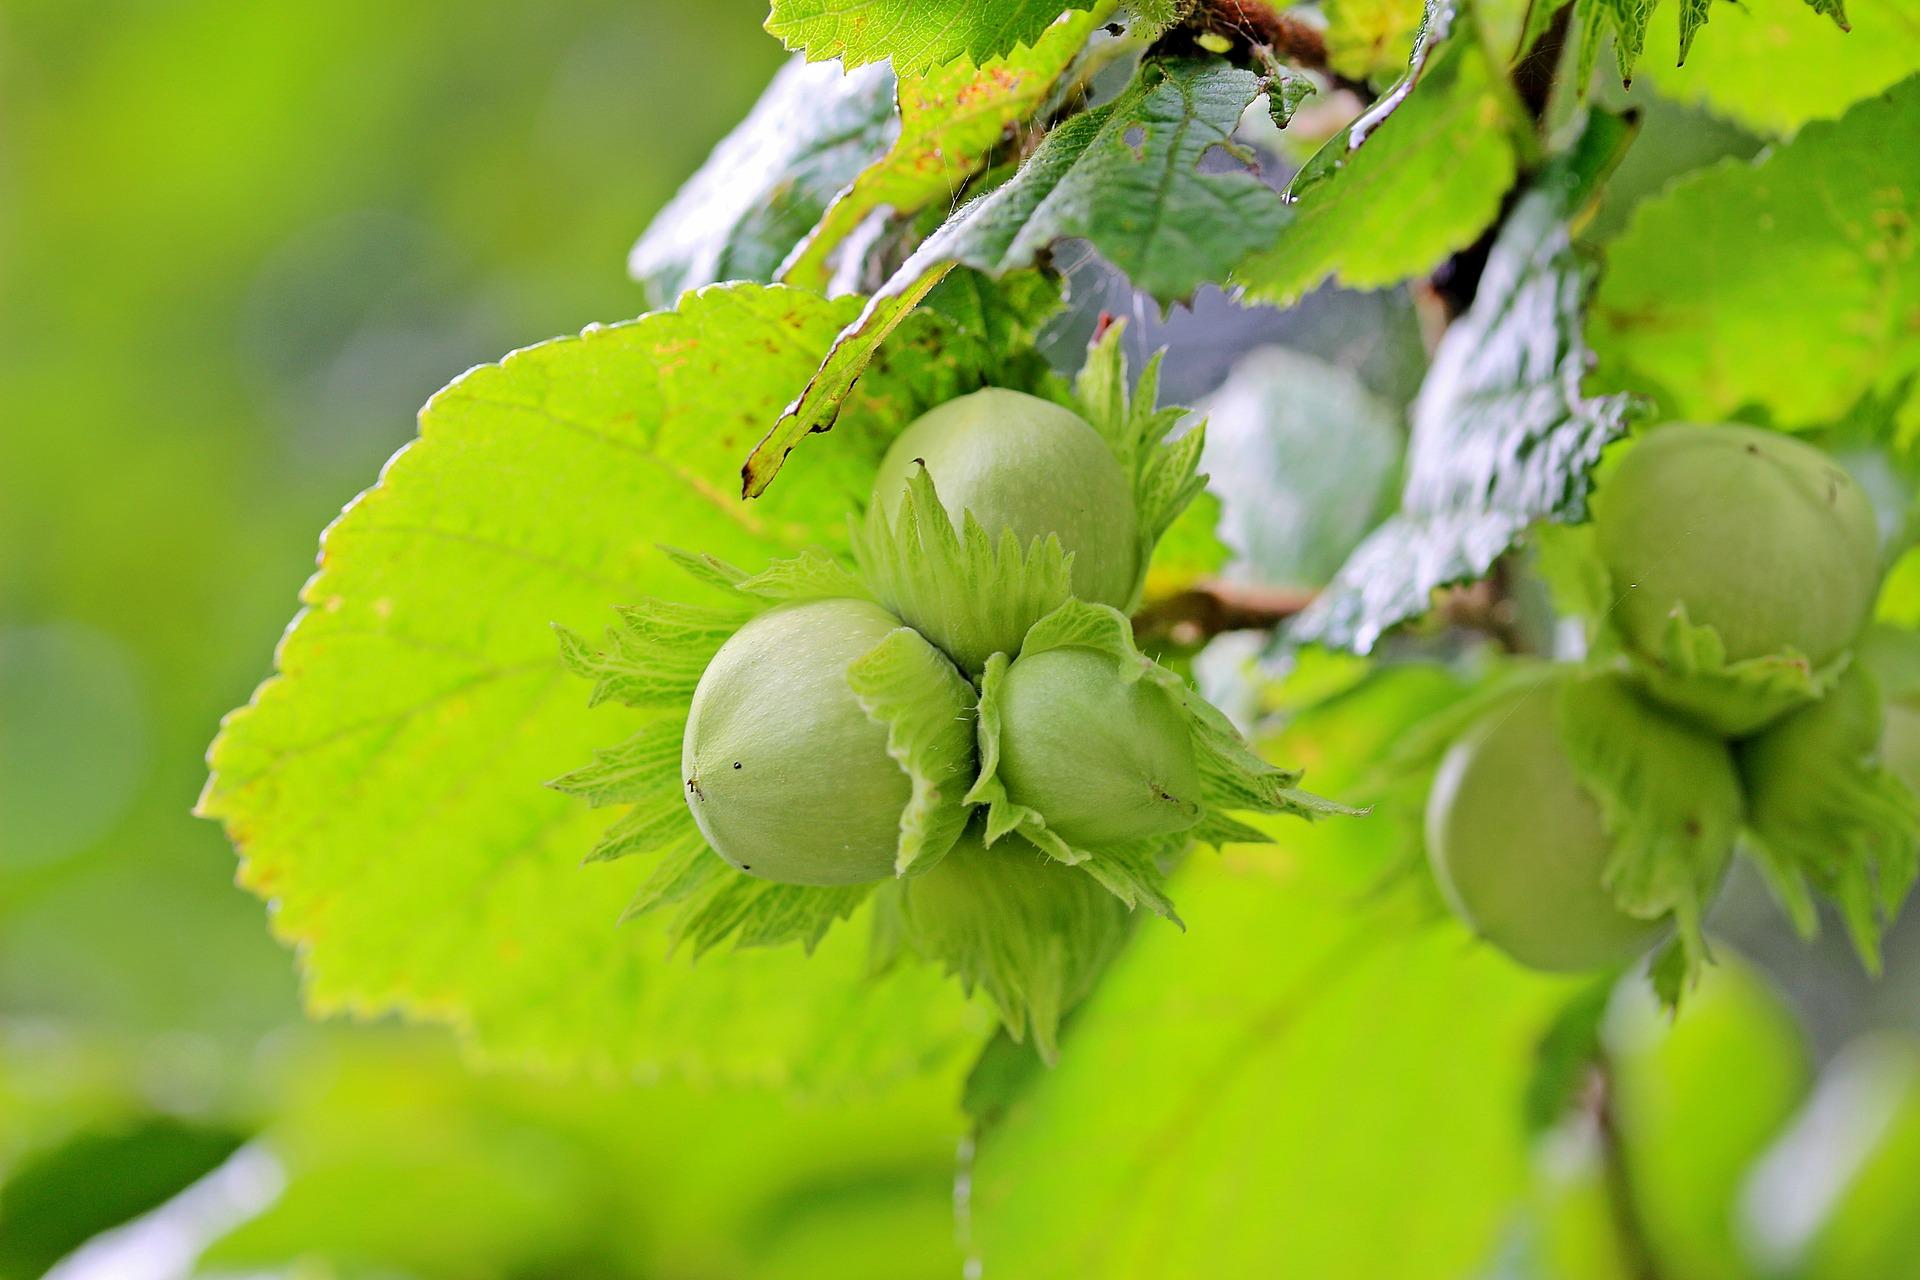 Euroopanpähkinäpensaan pähkinää kutsutaan hasselpähkinäksi